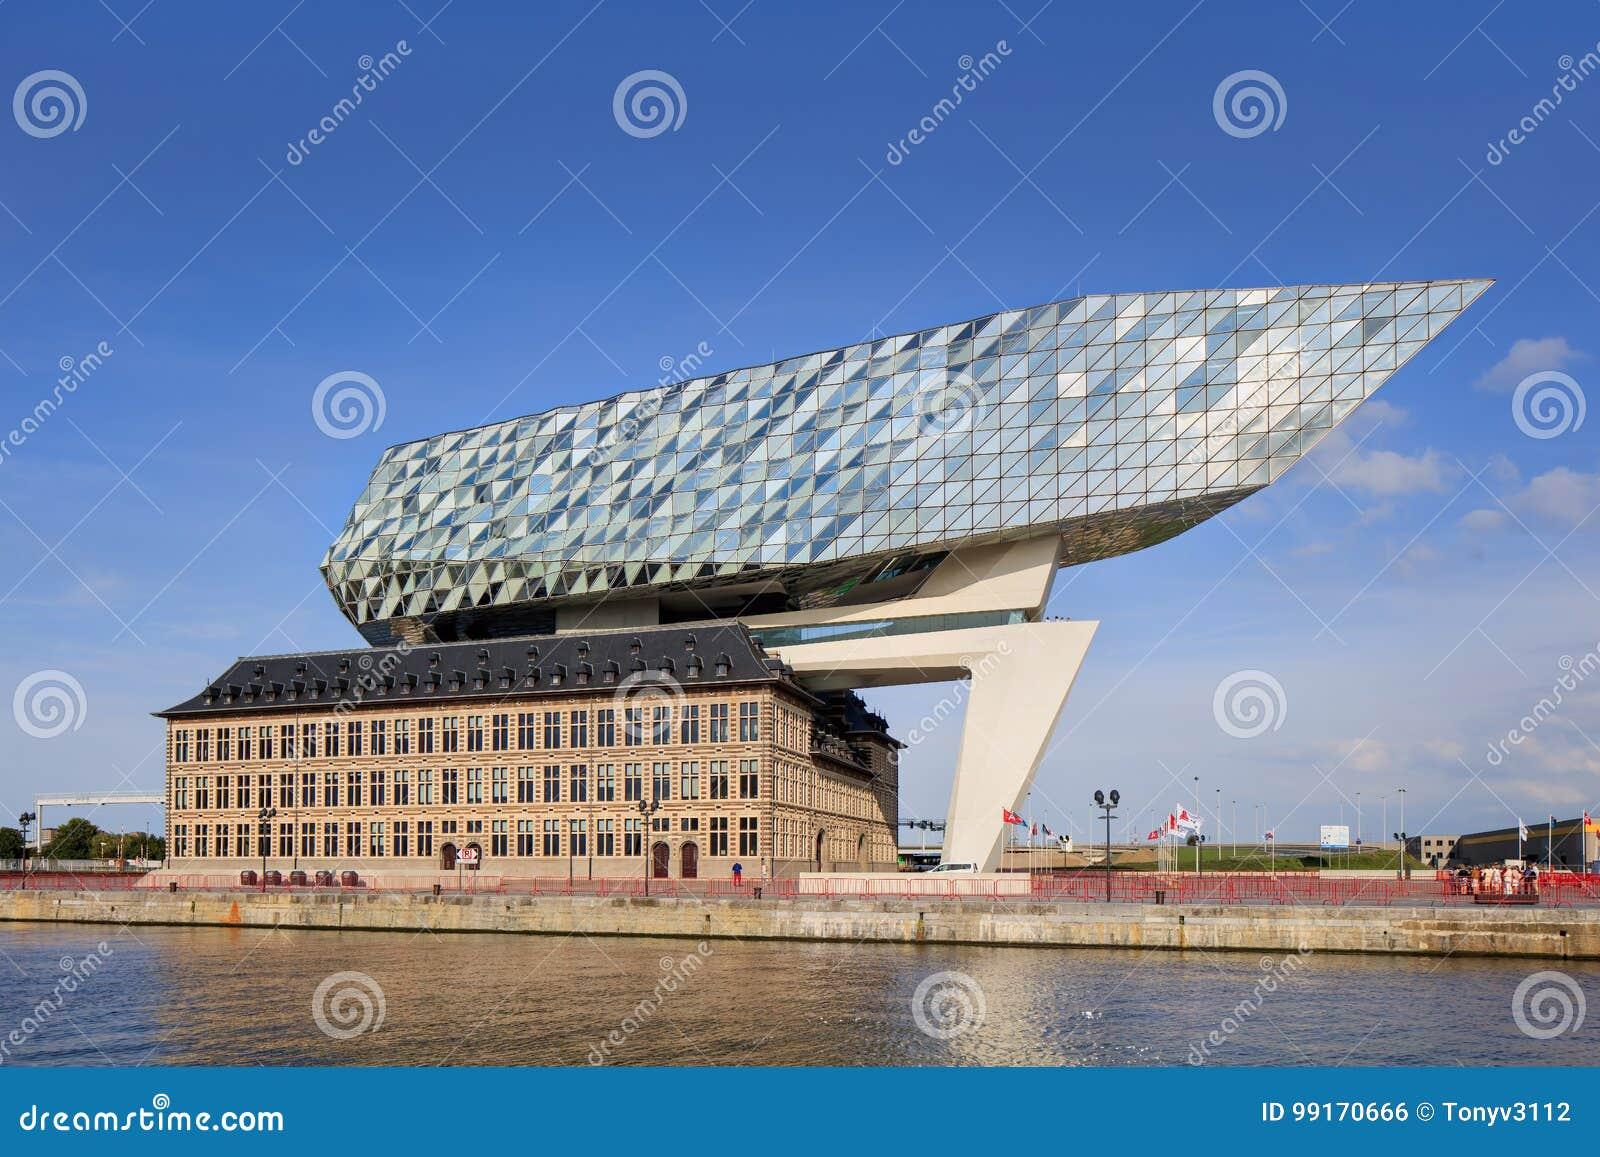 La conception de zaha hadid port d 39 anvers si ge l 39 aube anvers belgique photo ditorial - Port d anvers belgique adresse ...